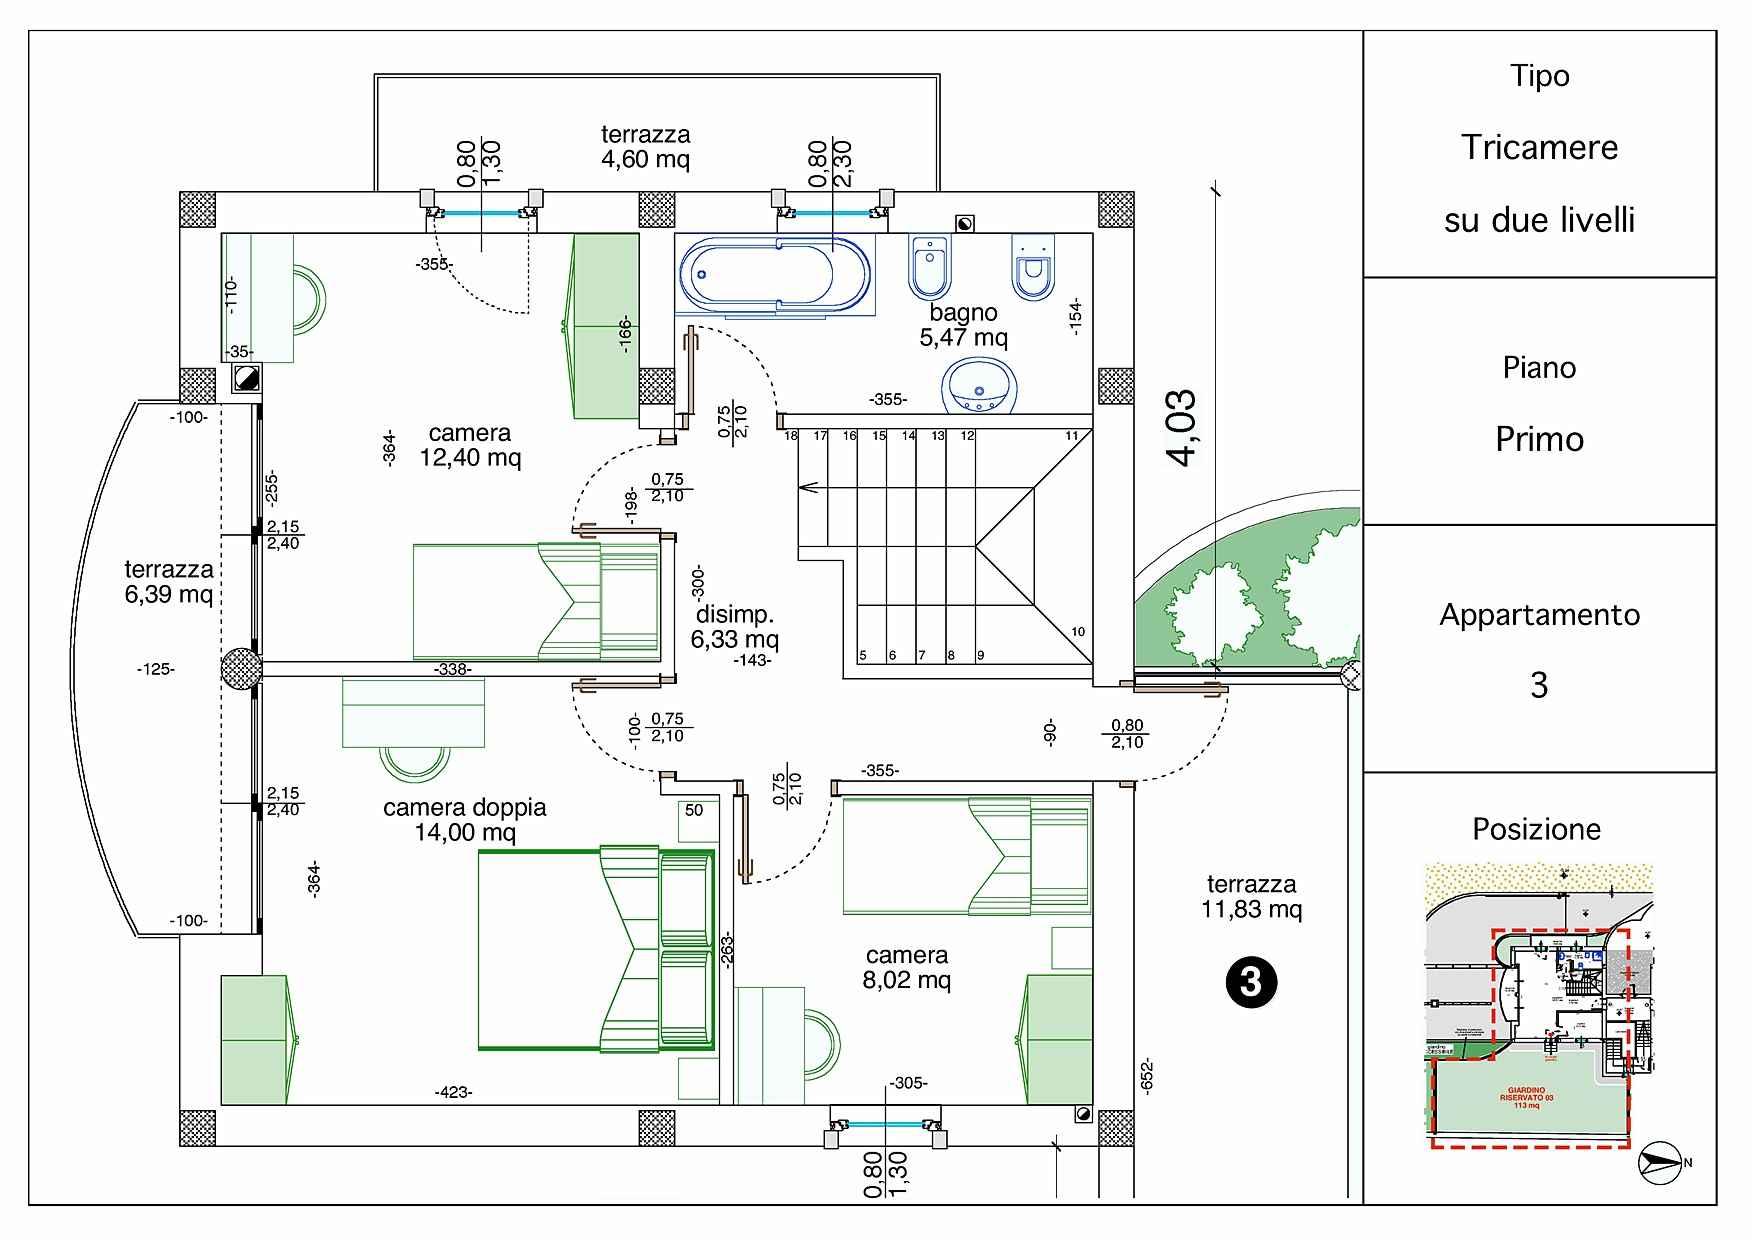 Villetta a schiera casa 3 rigatelli costruzioni for Planimetrie della casa a schiera